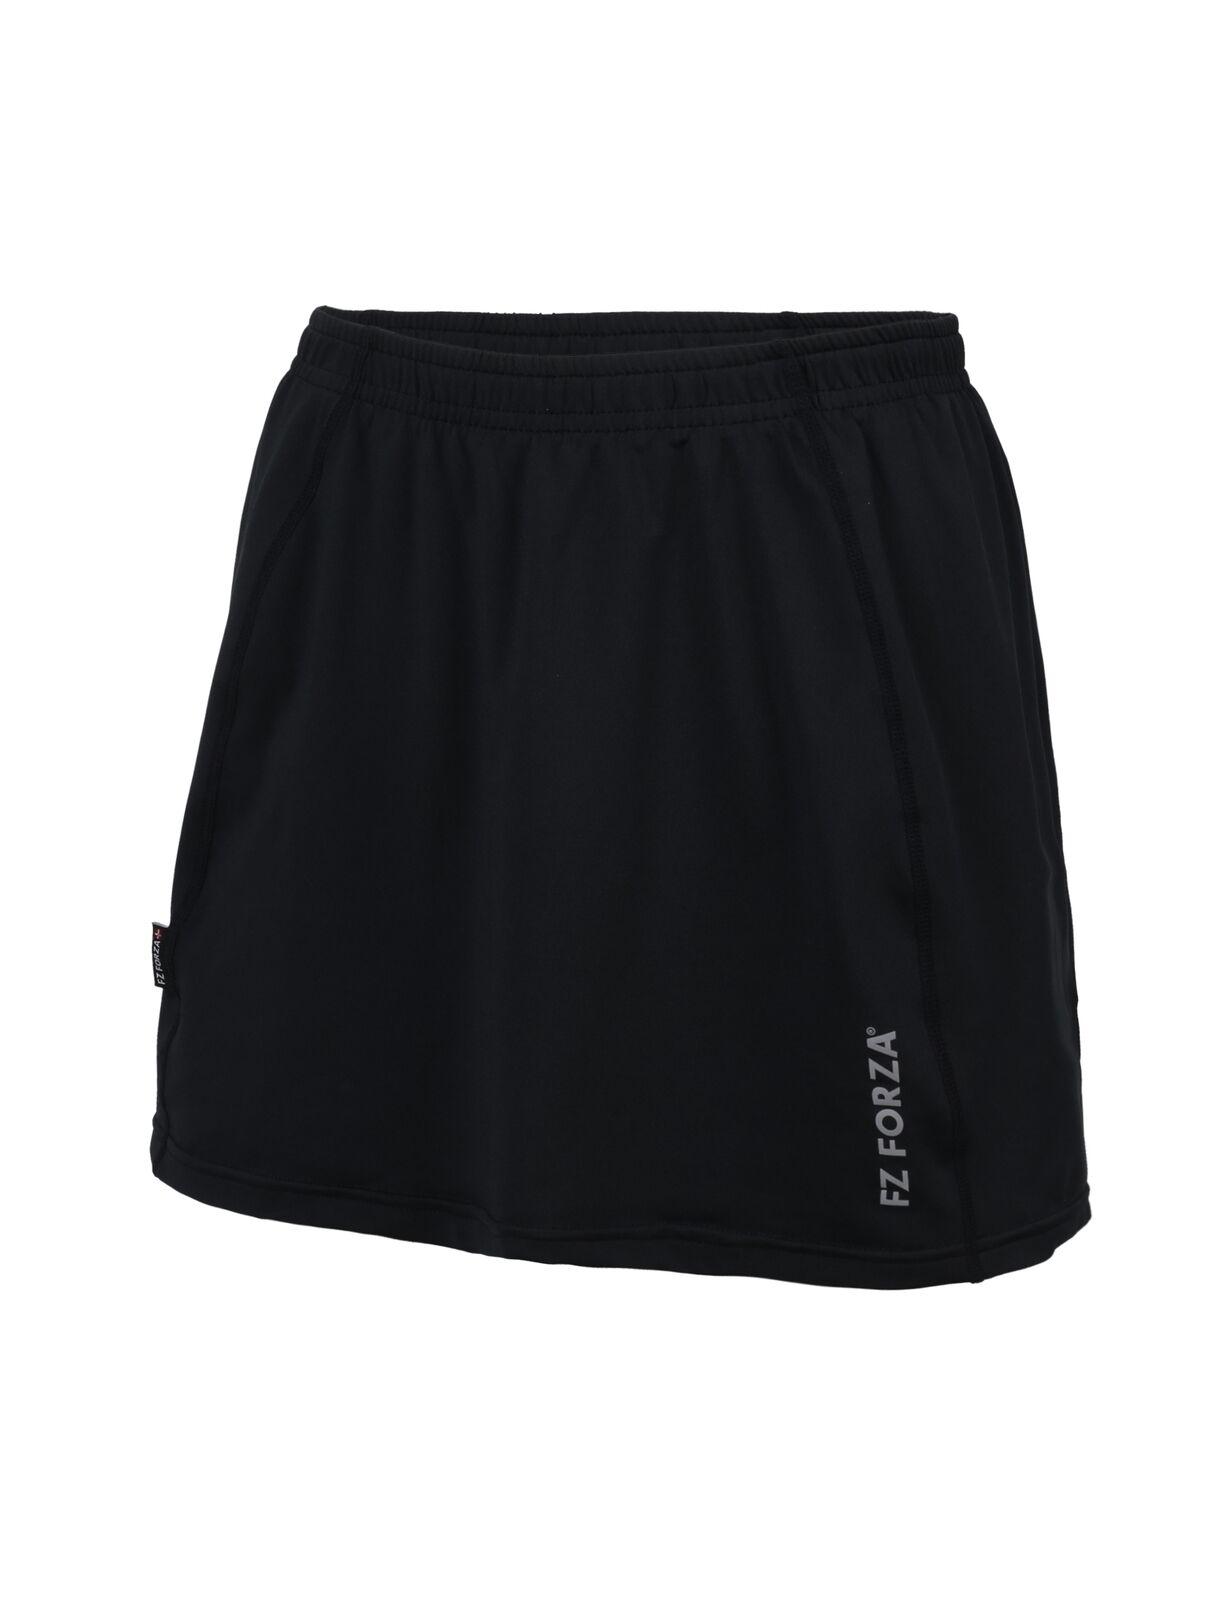 Forza Skirt Zari     Badminton Tischtennis Lady Female Damen 765214